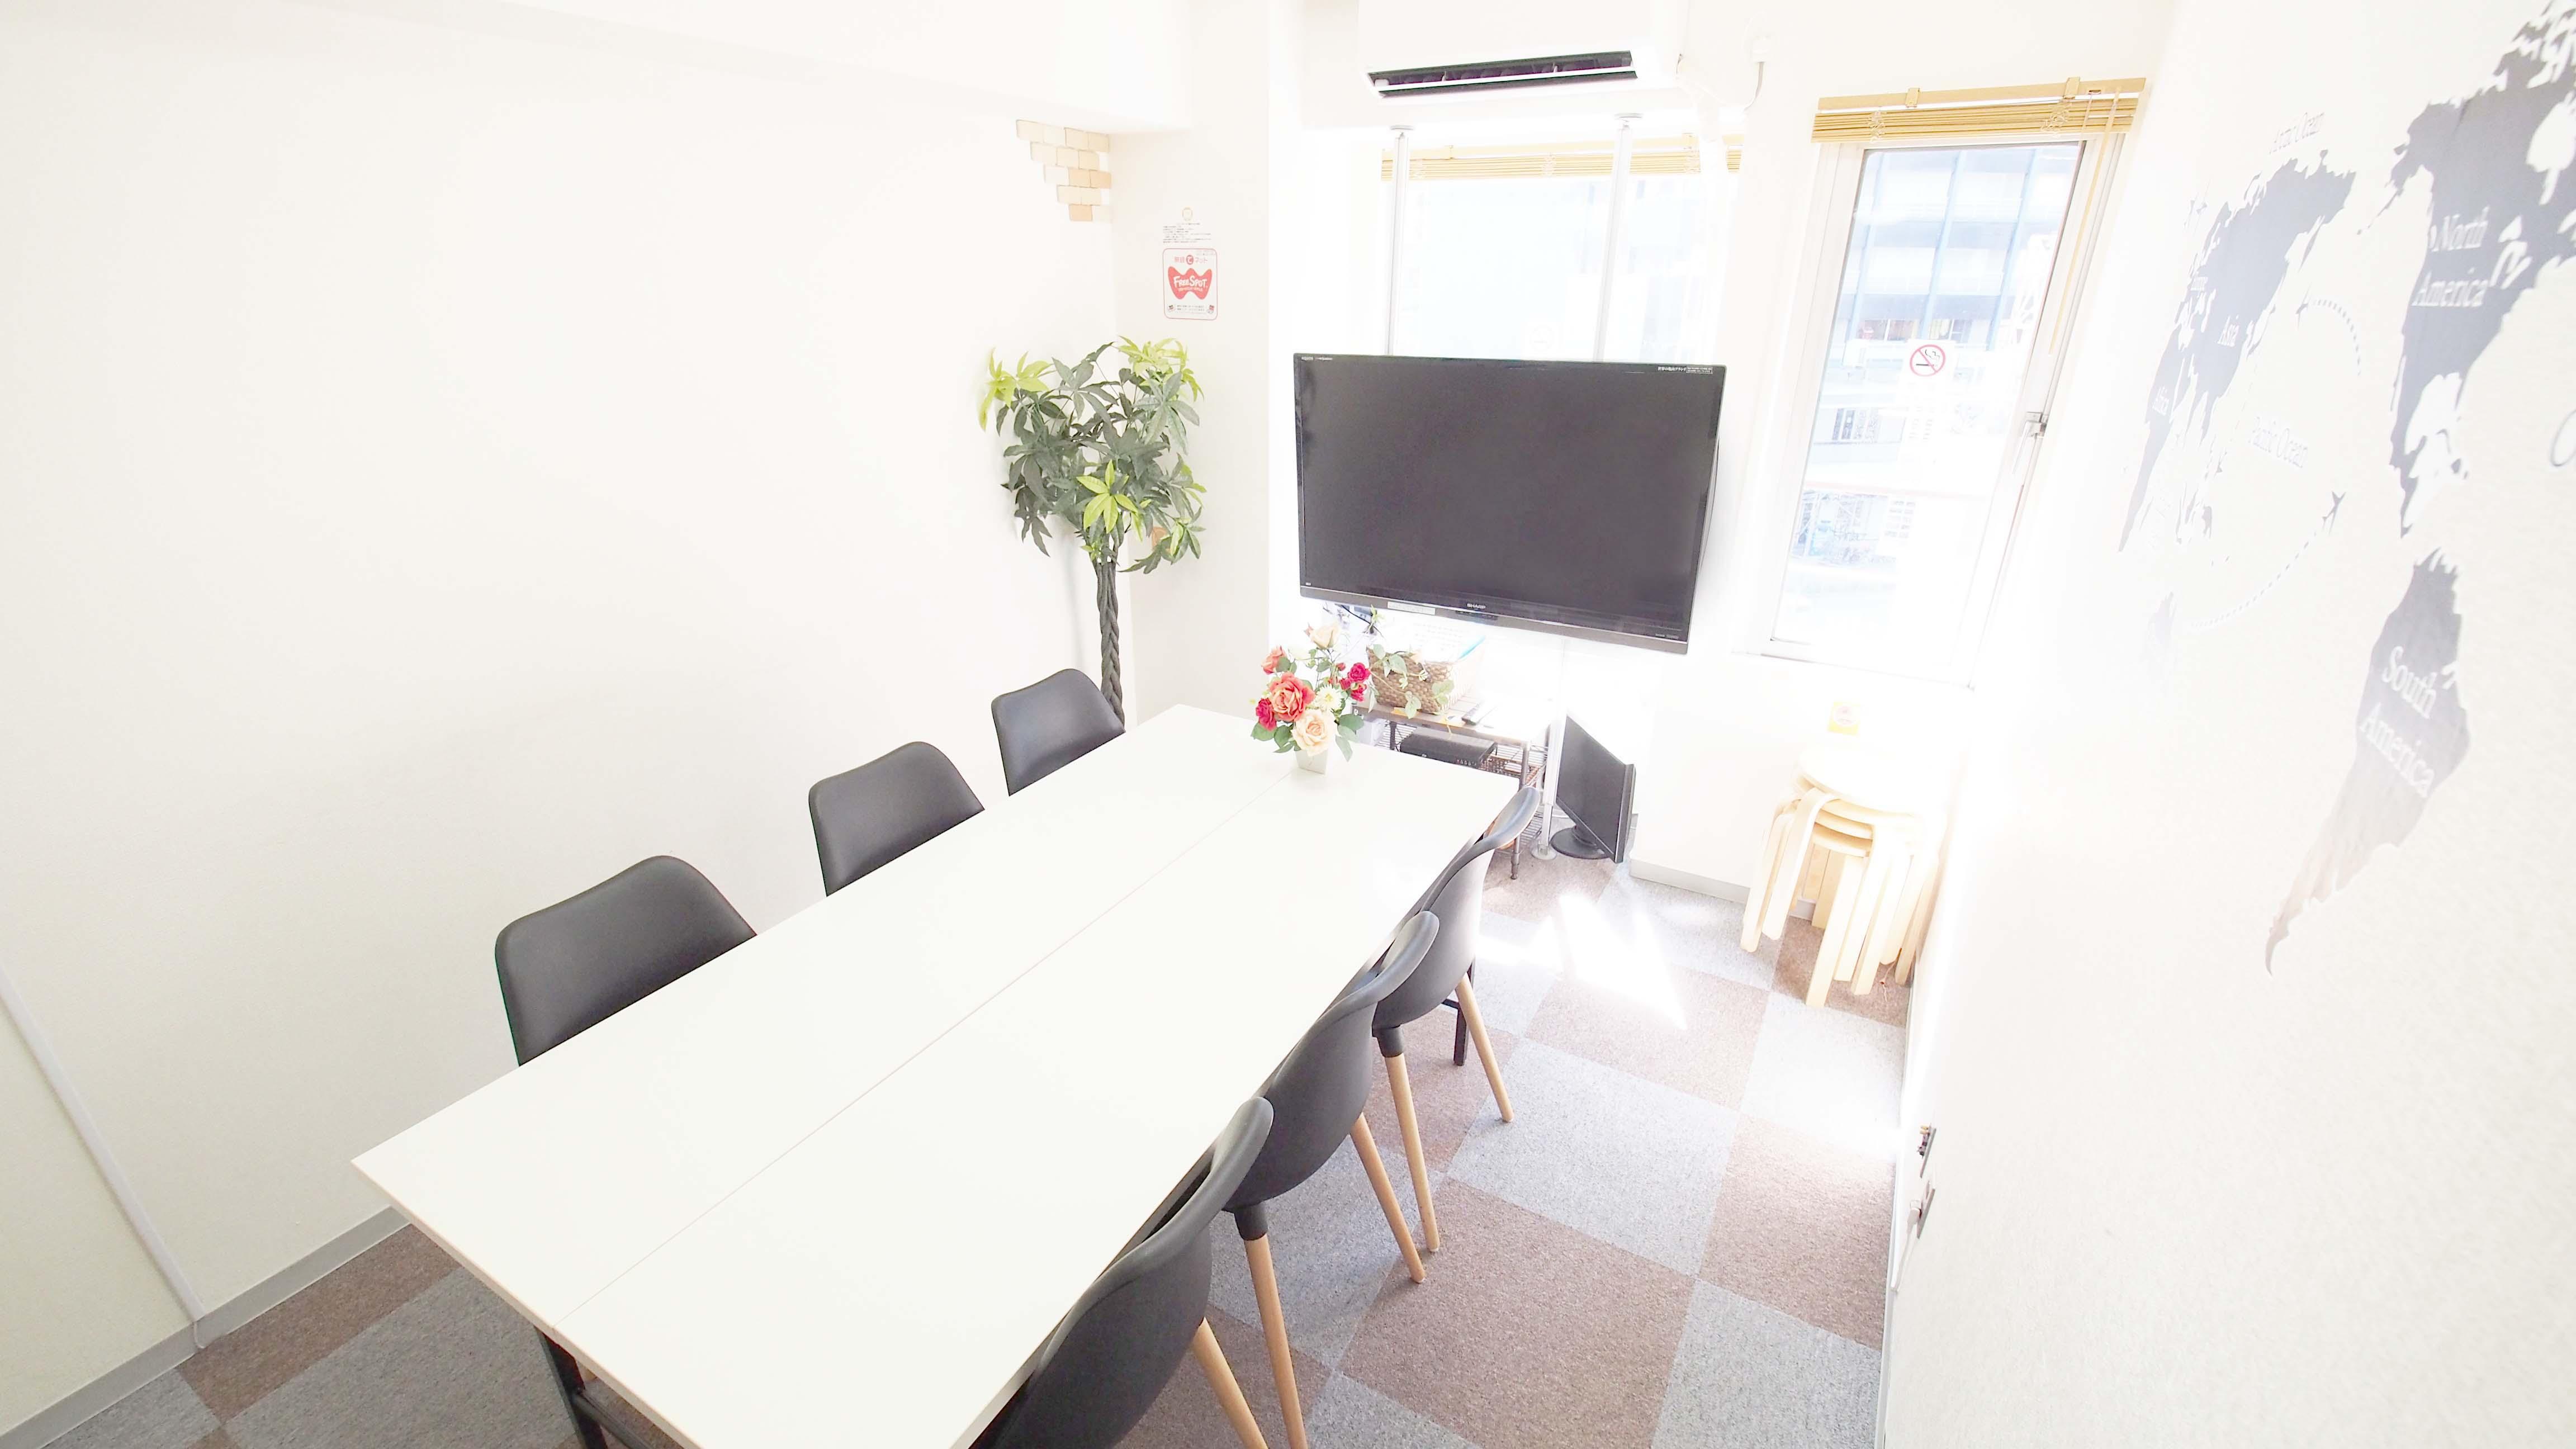 横浜 で カフェ より落ち着いて 勉強 ができるレンタル スペース BASE